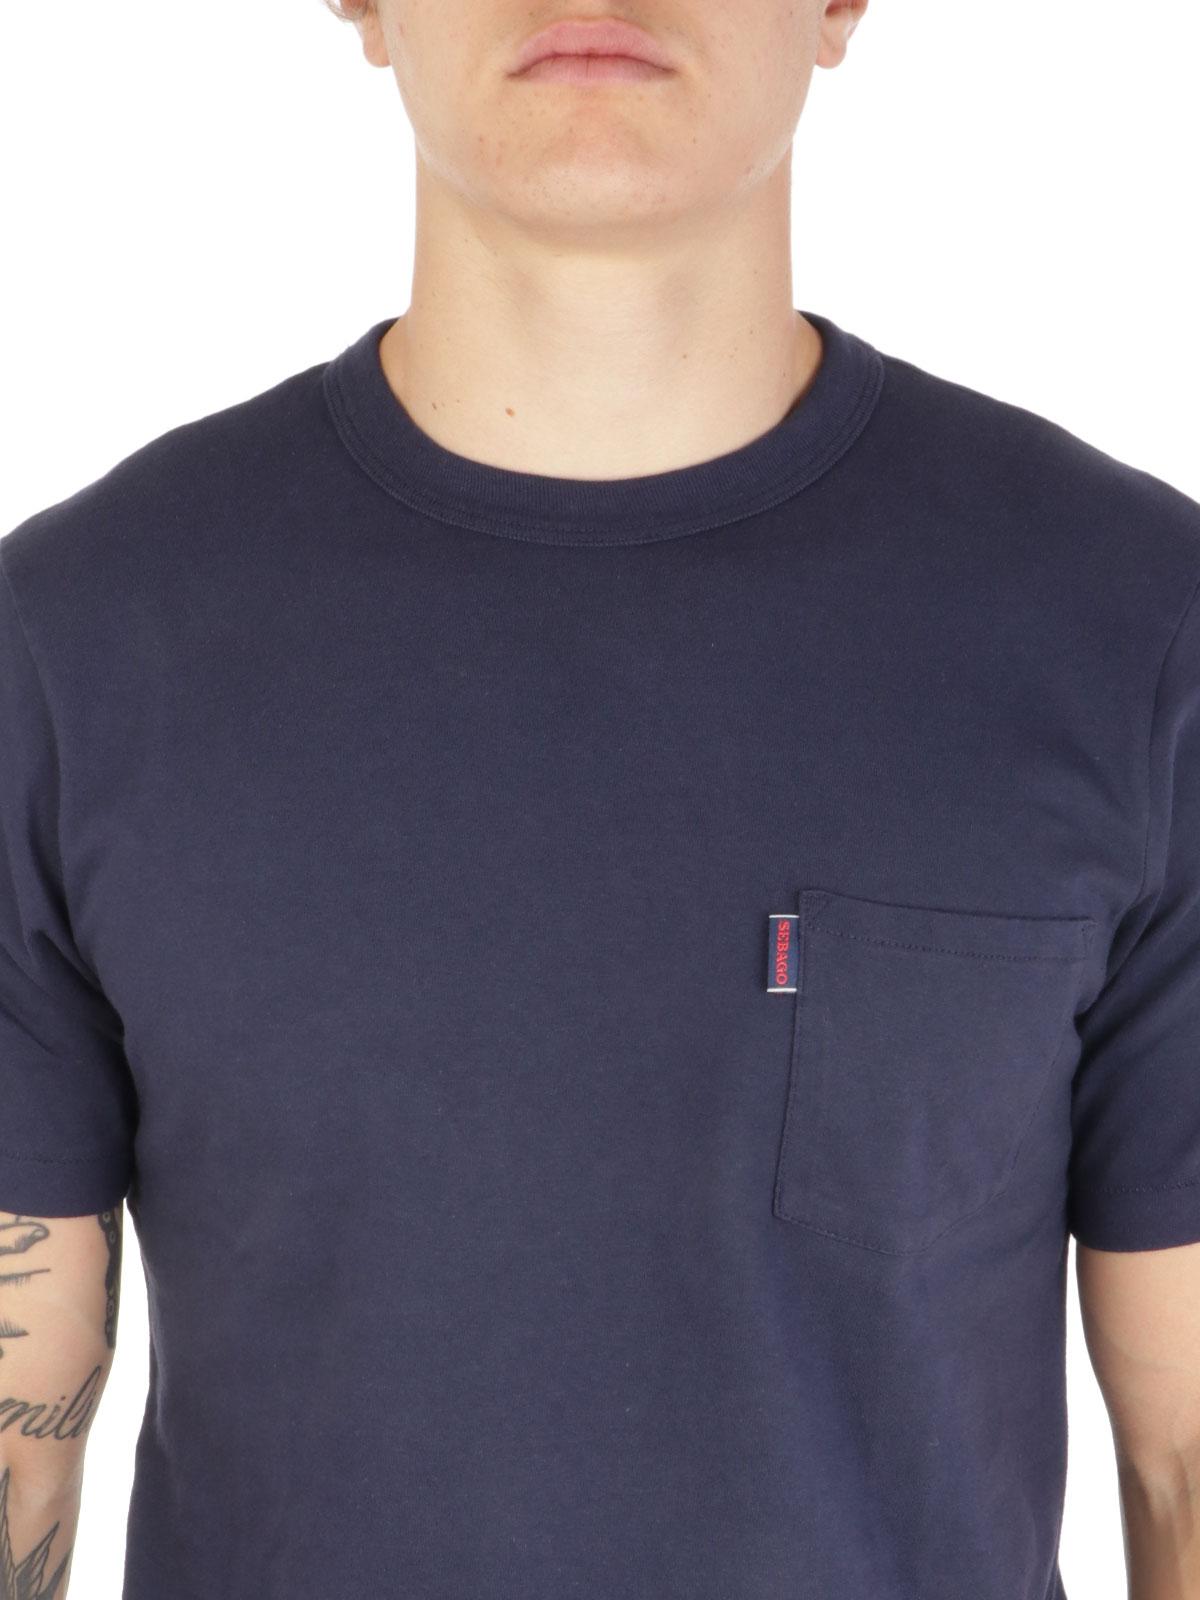 Immagine di SEBAGO   T-Shirt Uomo in Cotone